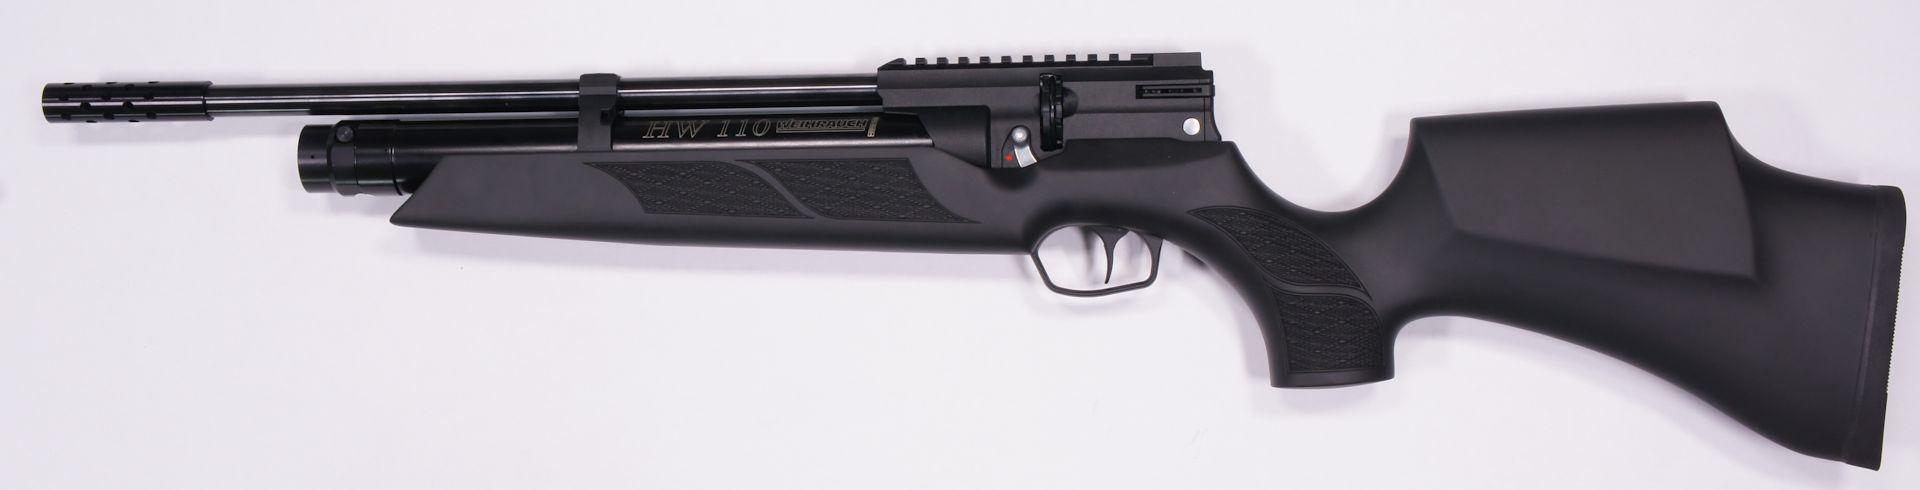 Weihrauch HW 110 ST mit Kompensator 4,5mm / FAC- EWB